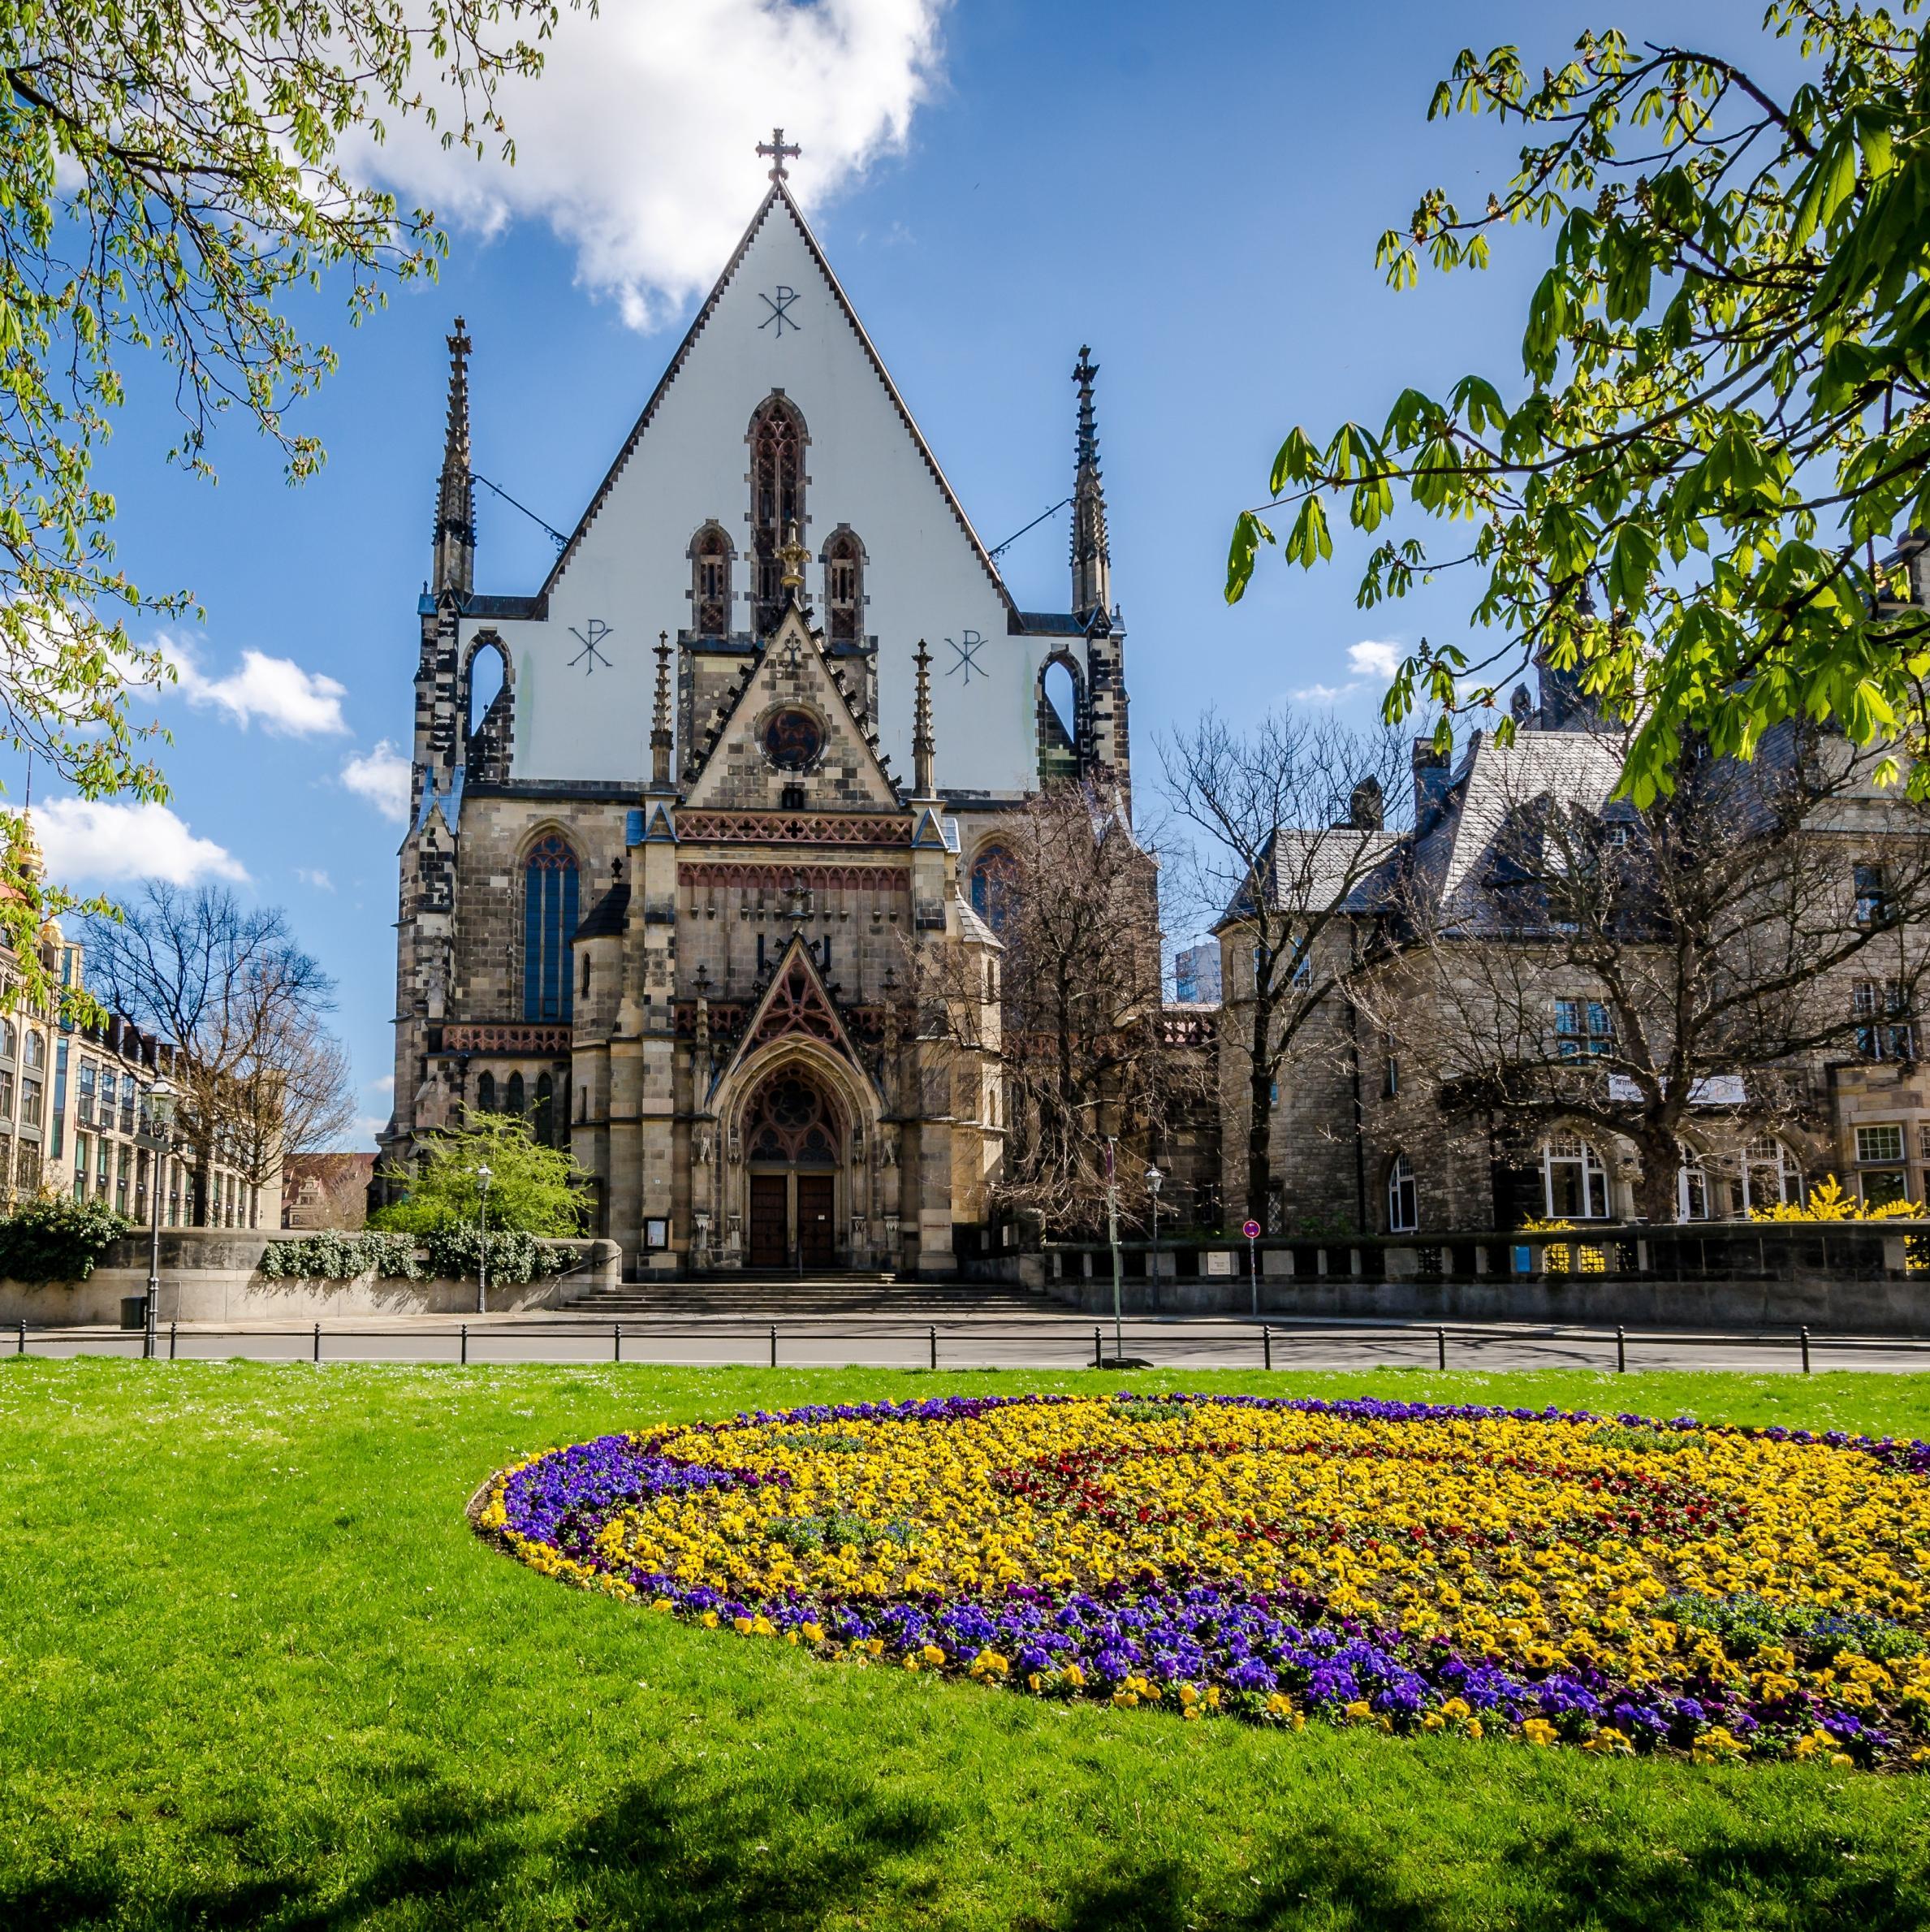 csm Thomaskirche Blueten Kultur Sehenswuerdigkeiten Robin Kunz leipzigavel d